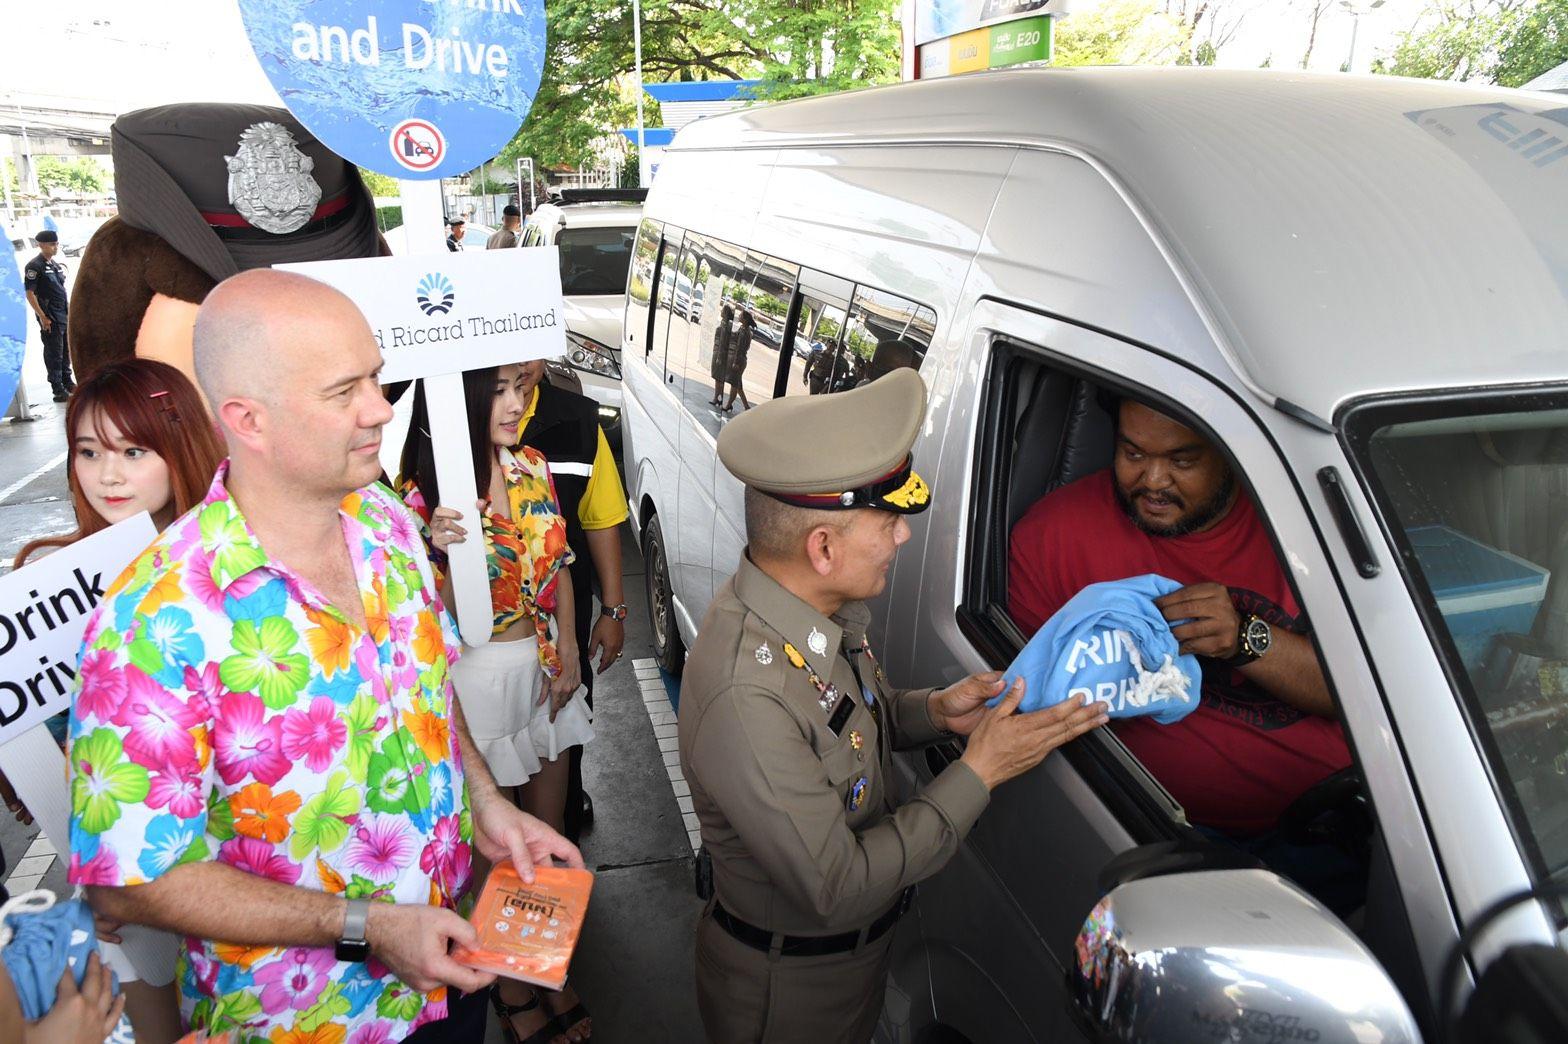 พลตำรวจเอก วิระชัย ทรงเมตต